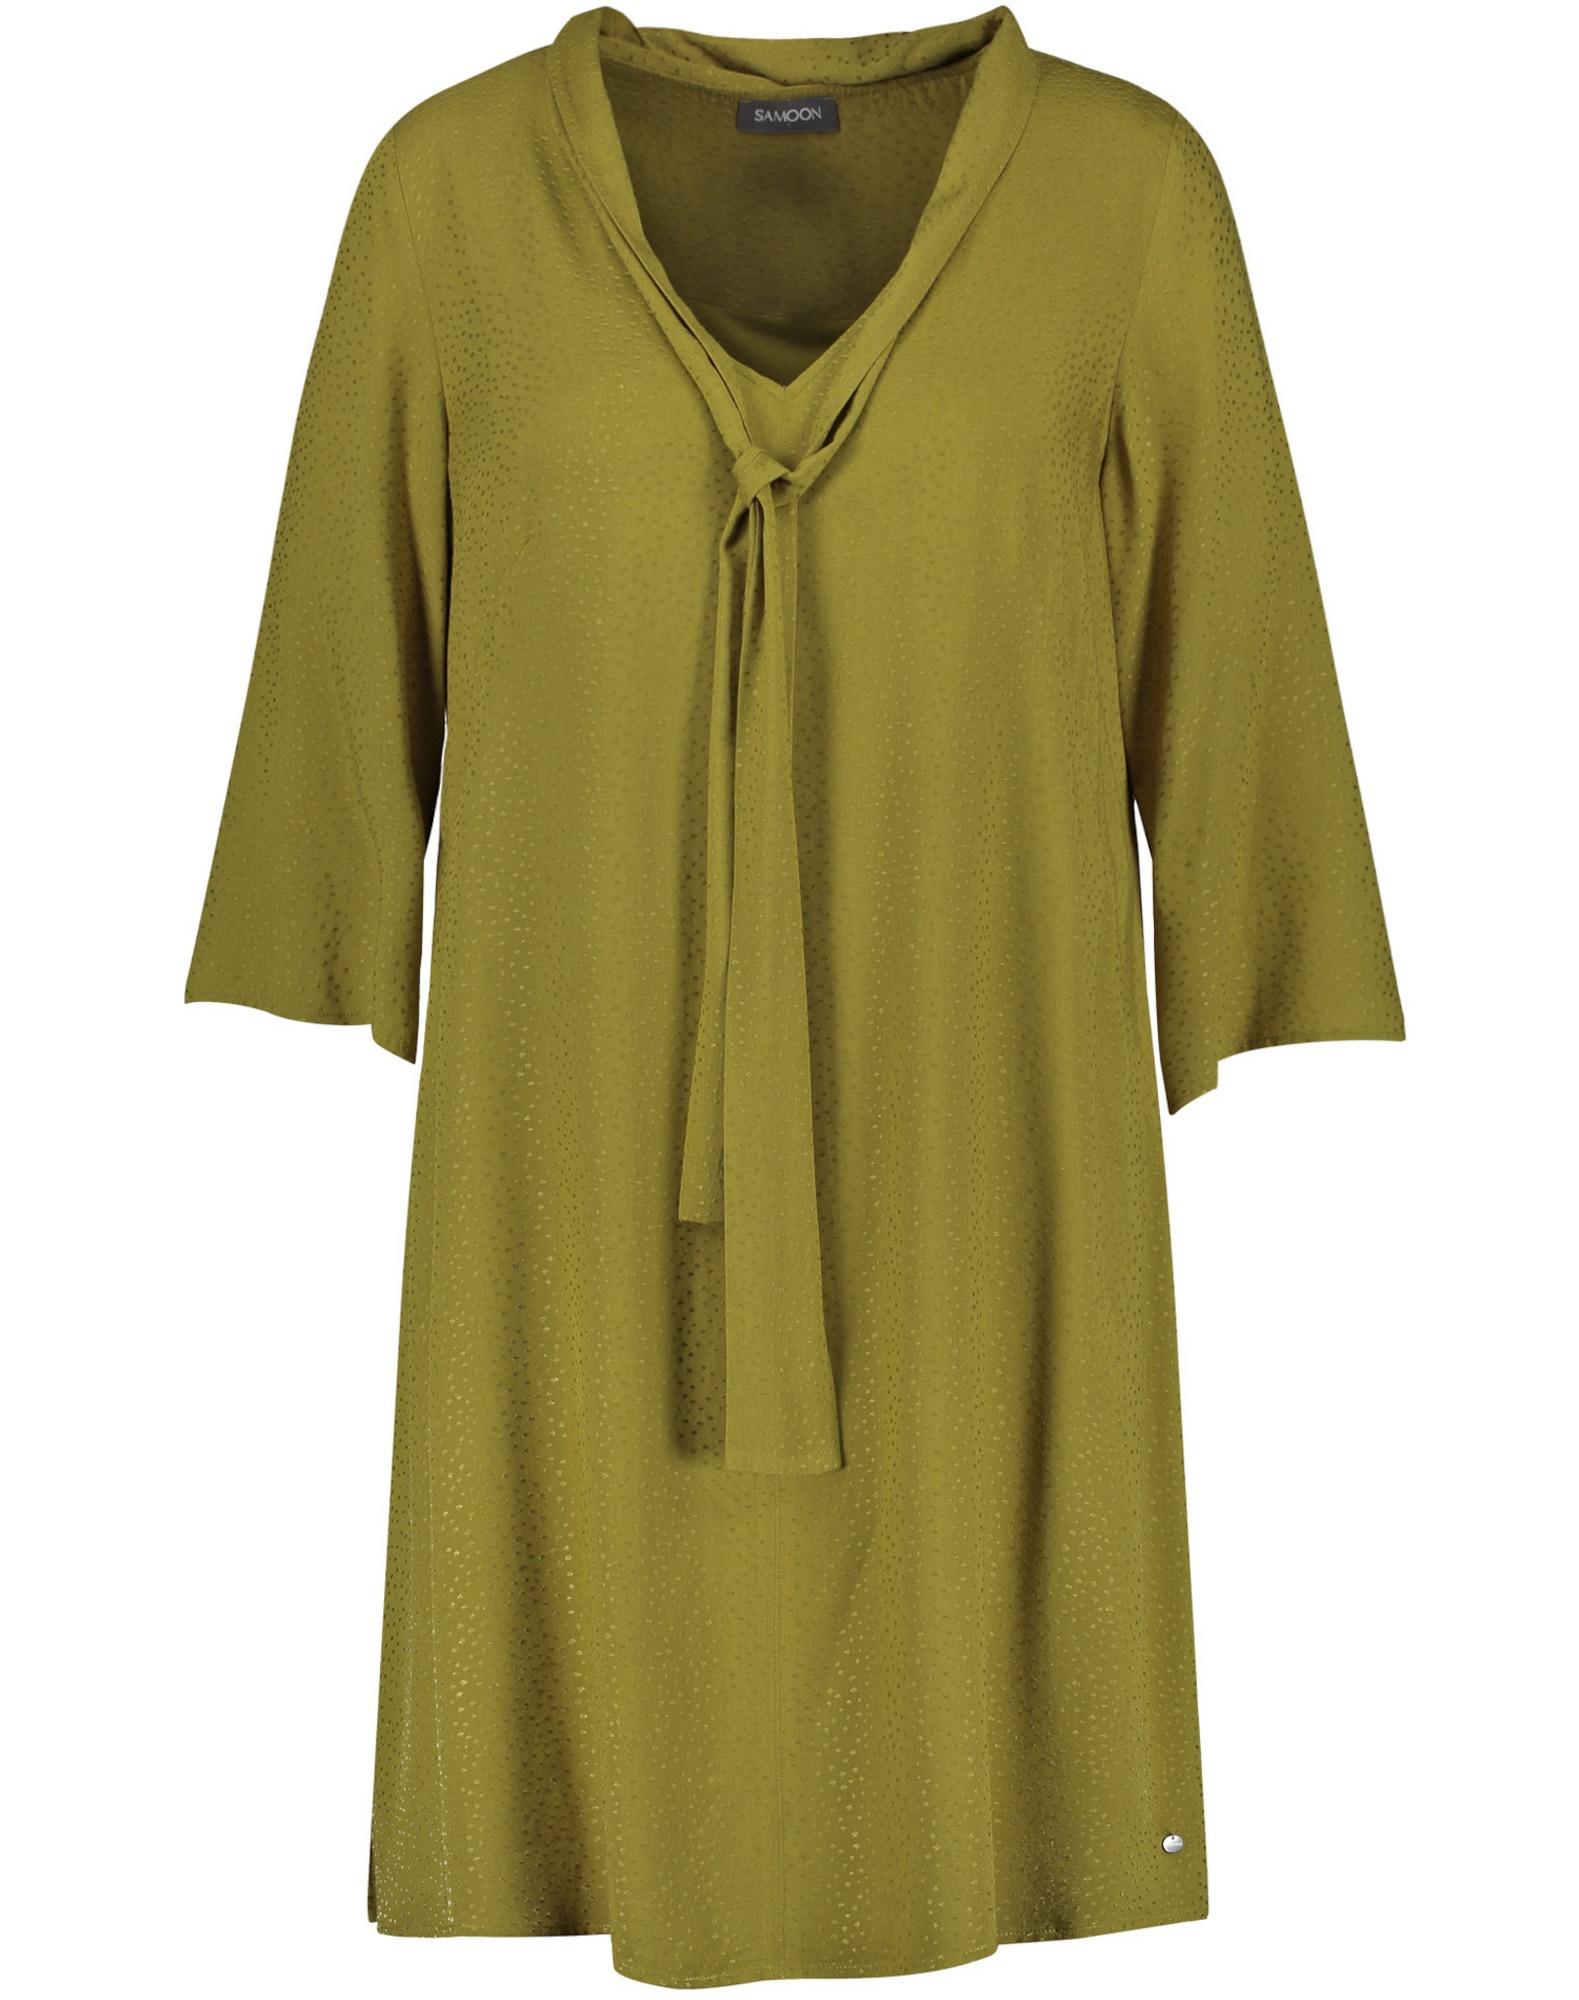 SAMOON Suknelė žalia